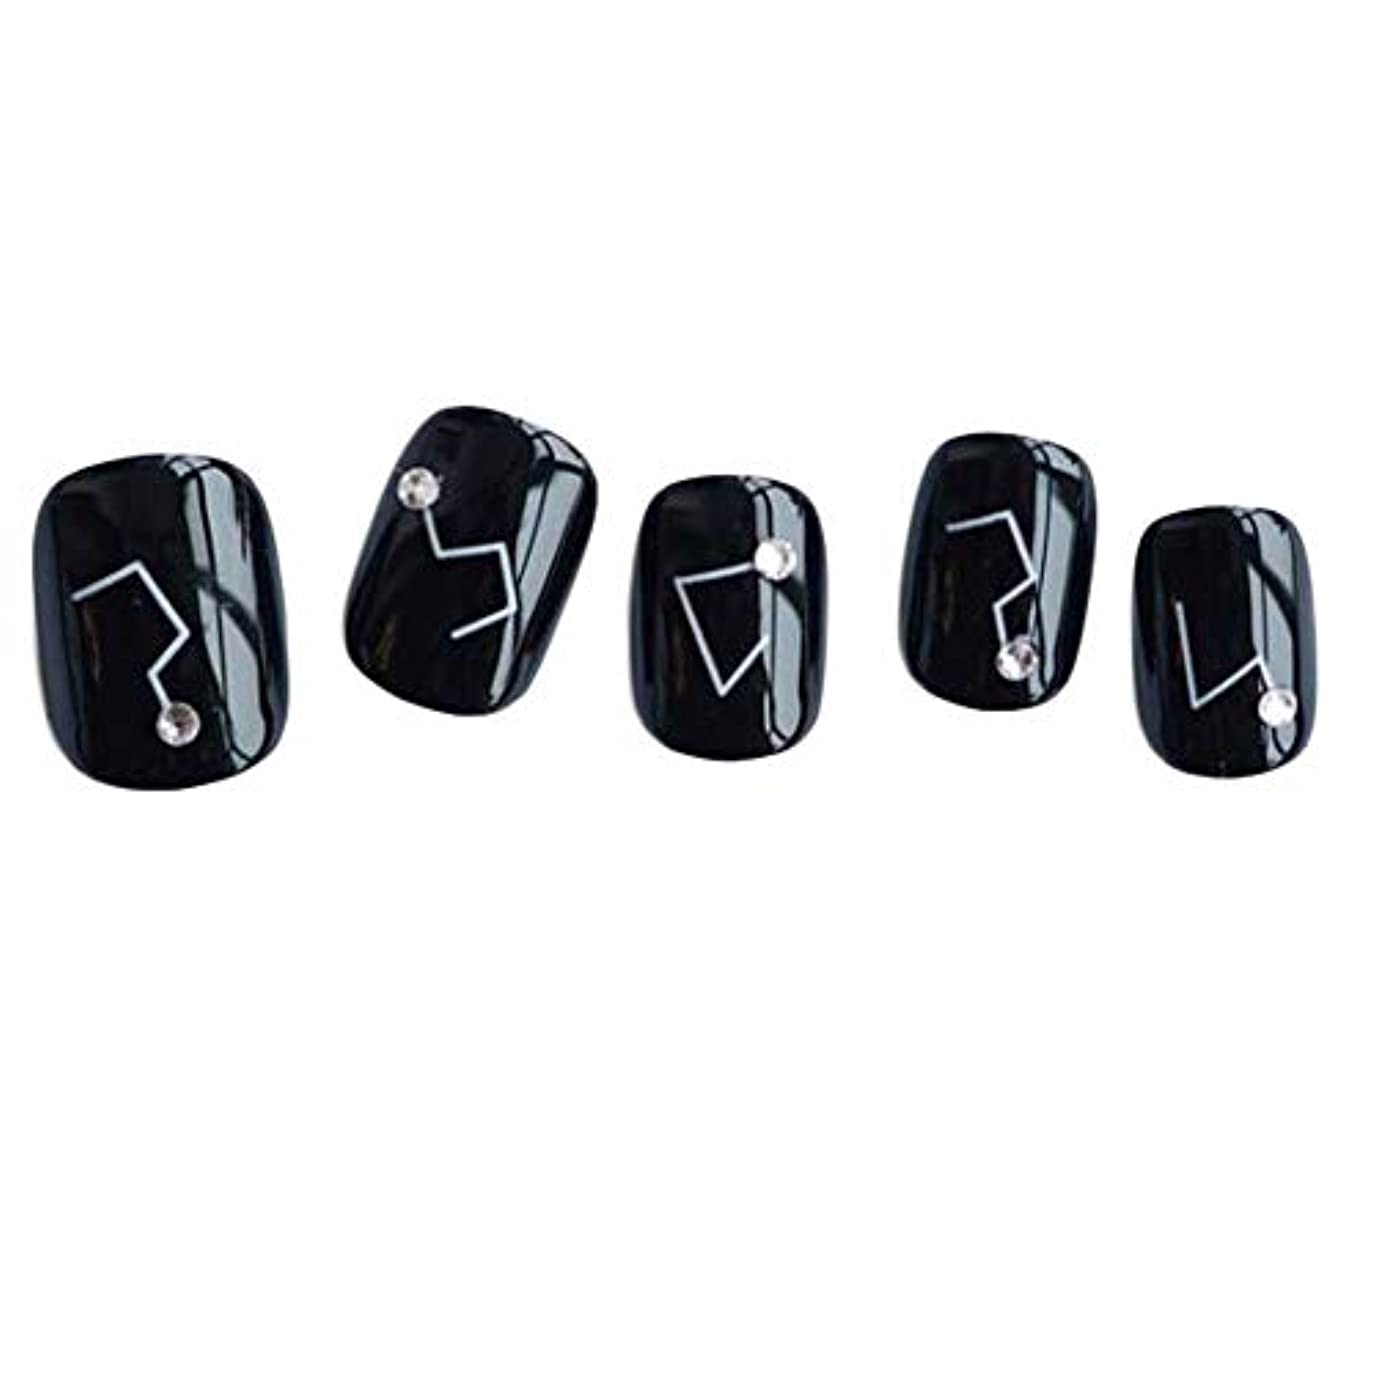 投げ捨てるモードリン整然とした星座 - 黒い短い偽の指爪人工爪の装飾の爪のヒント